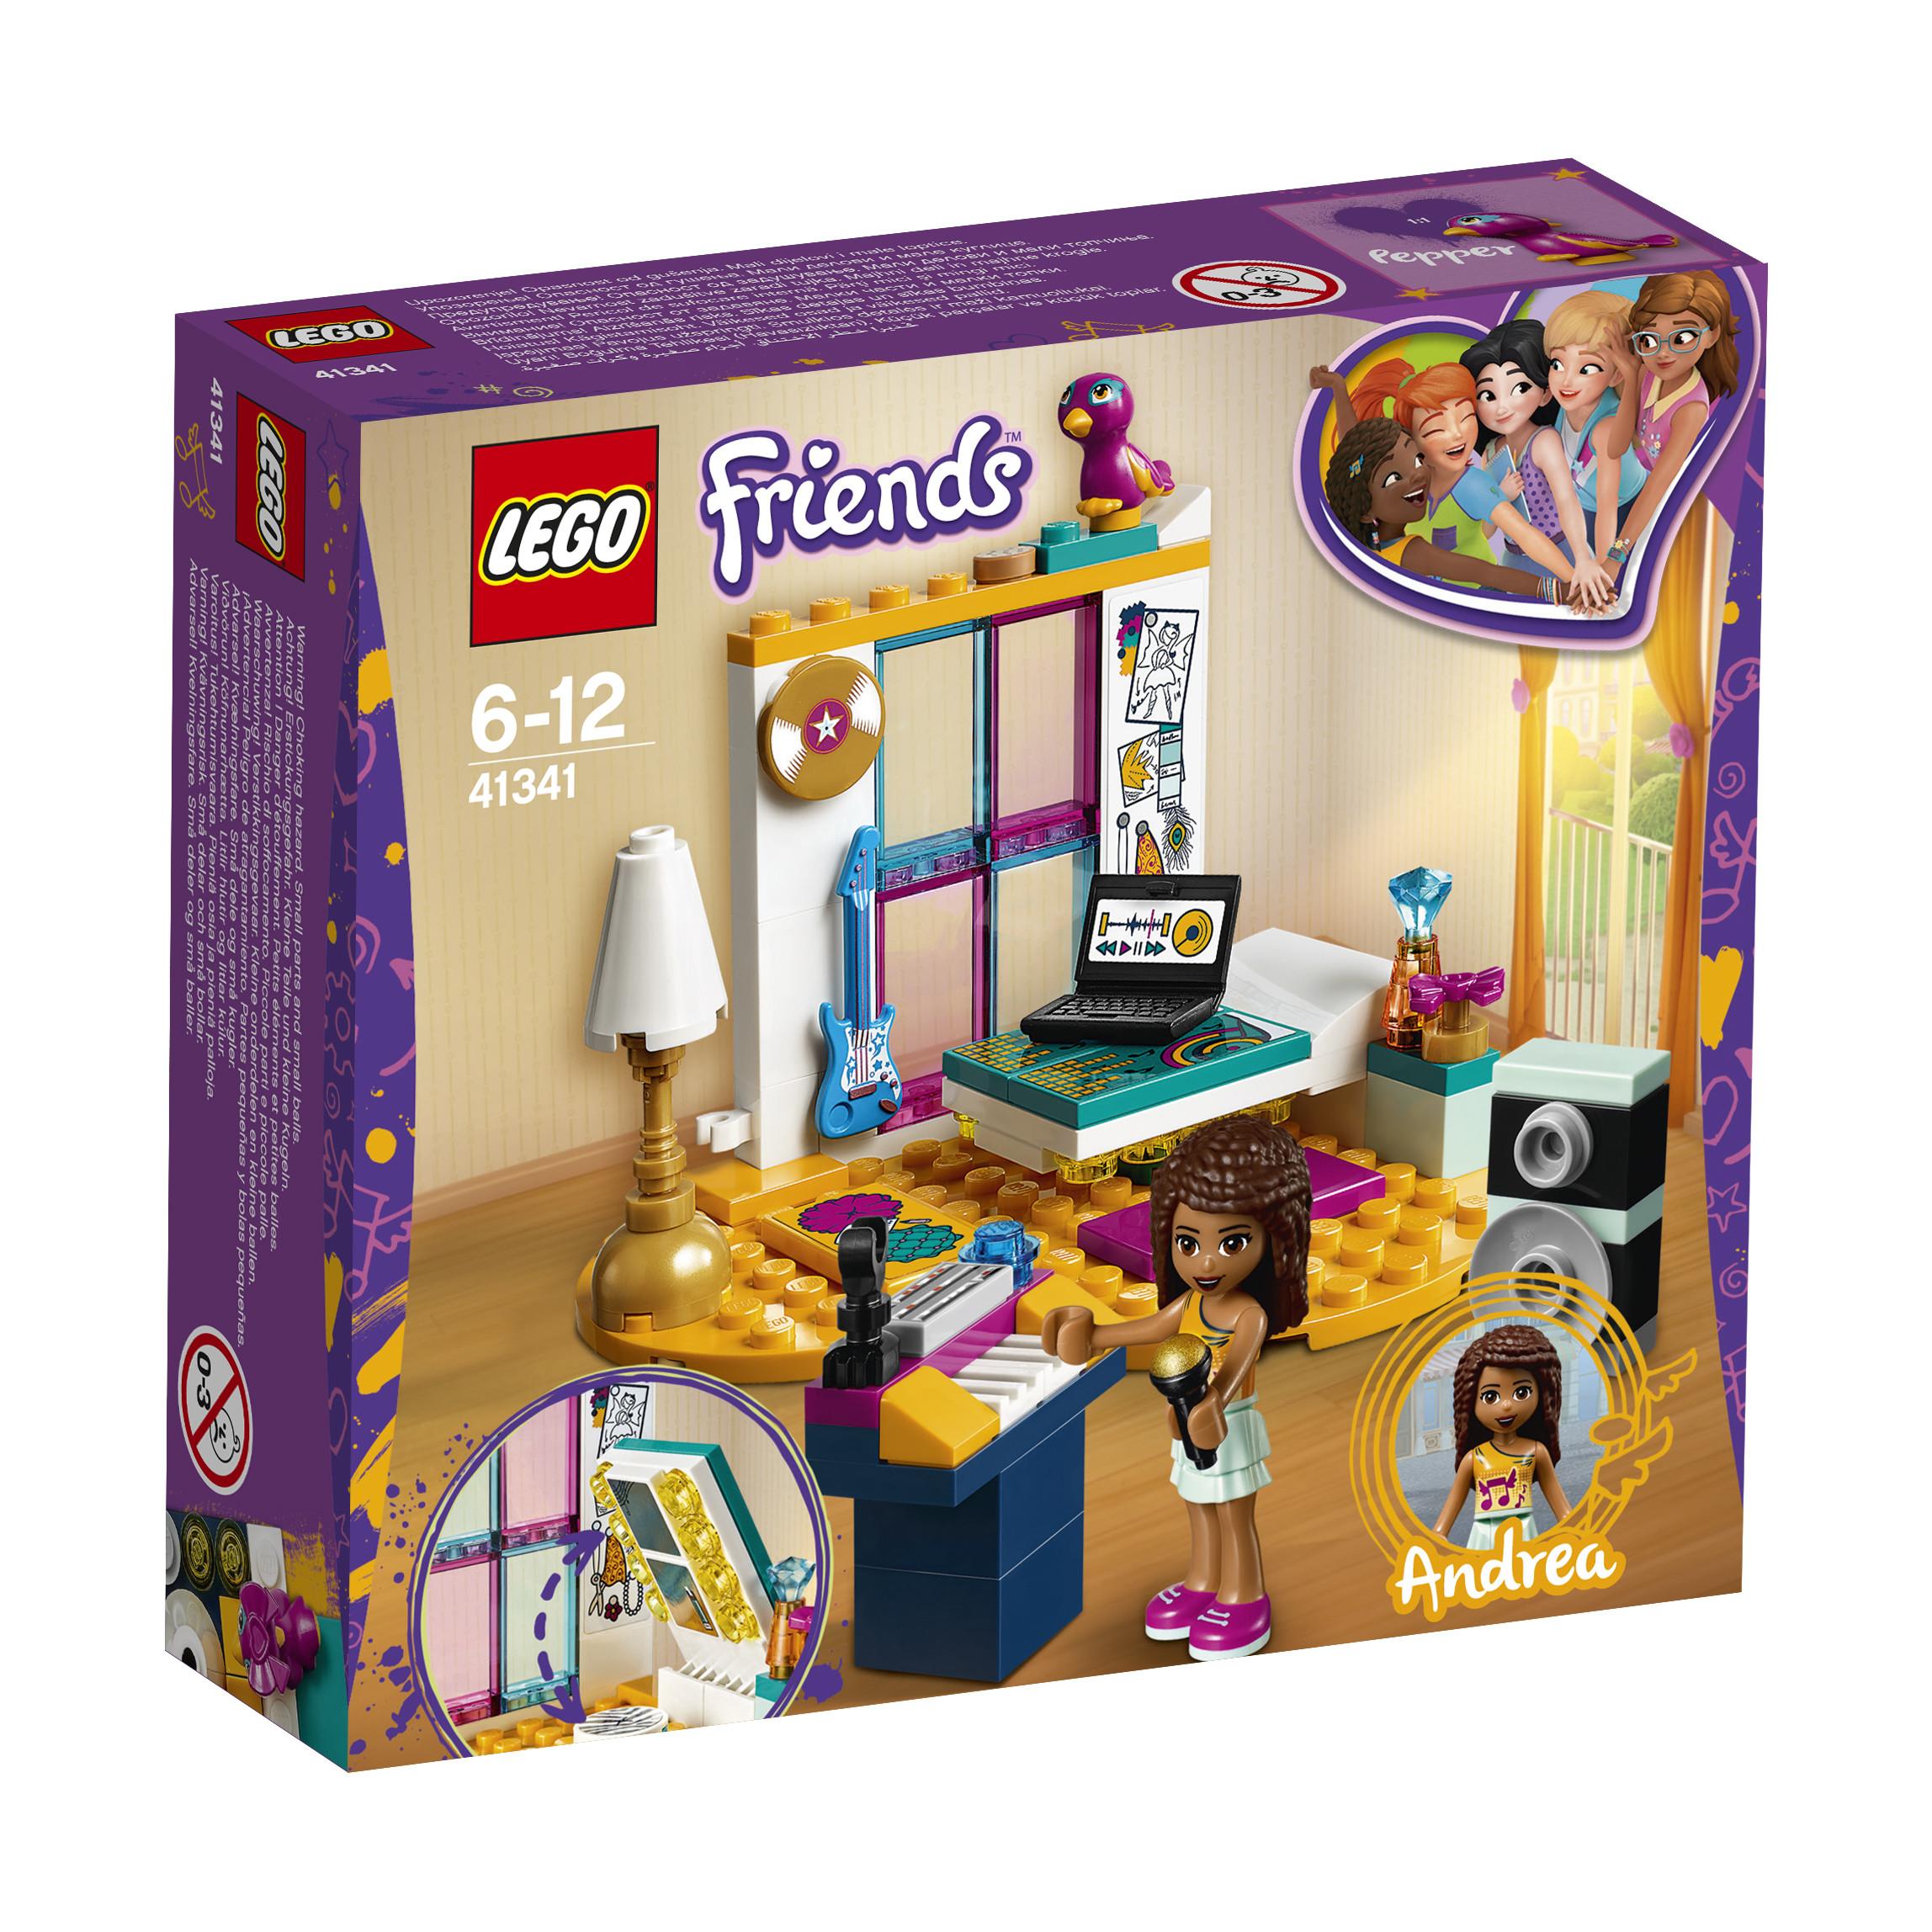 LEGO LEGO Конструктор LEGO Friends 41341 Комната Андреа конструктор lego friends огород 561507